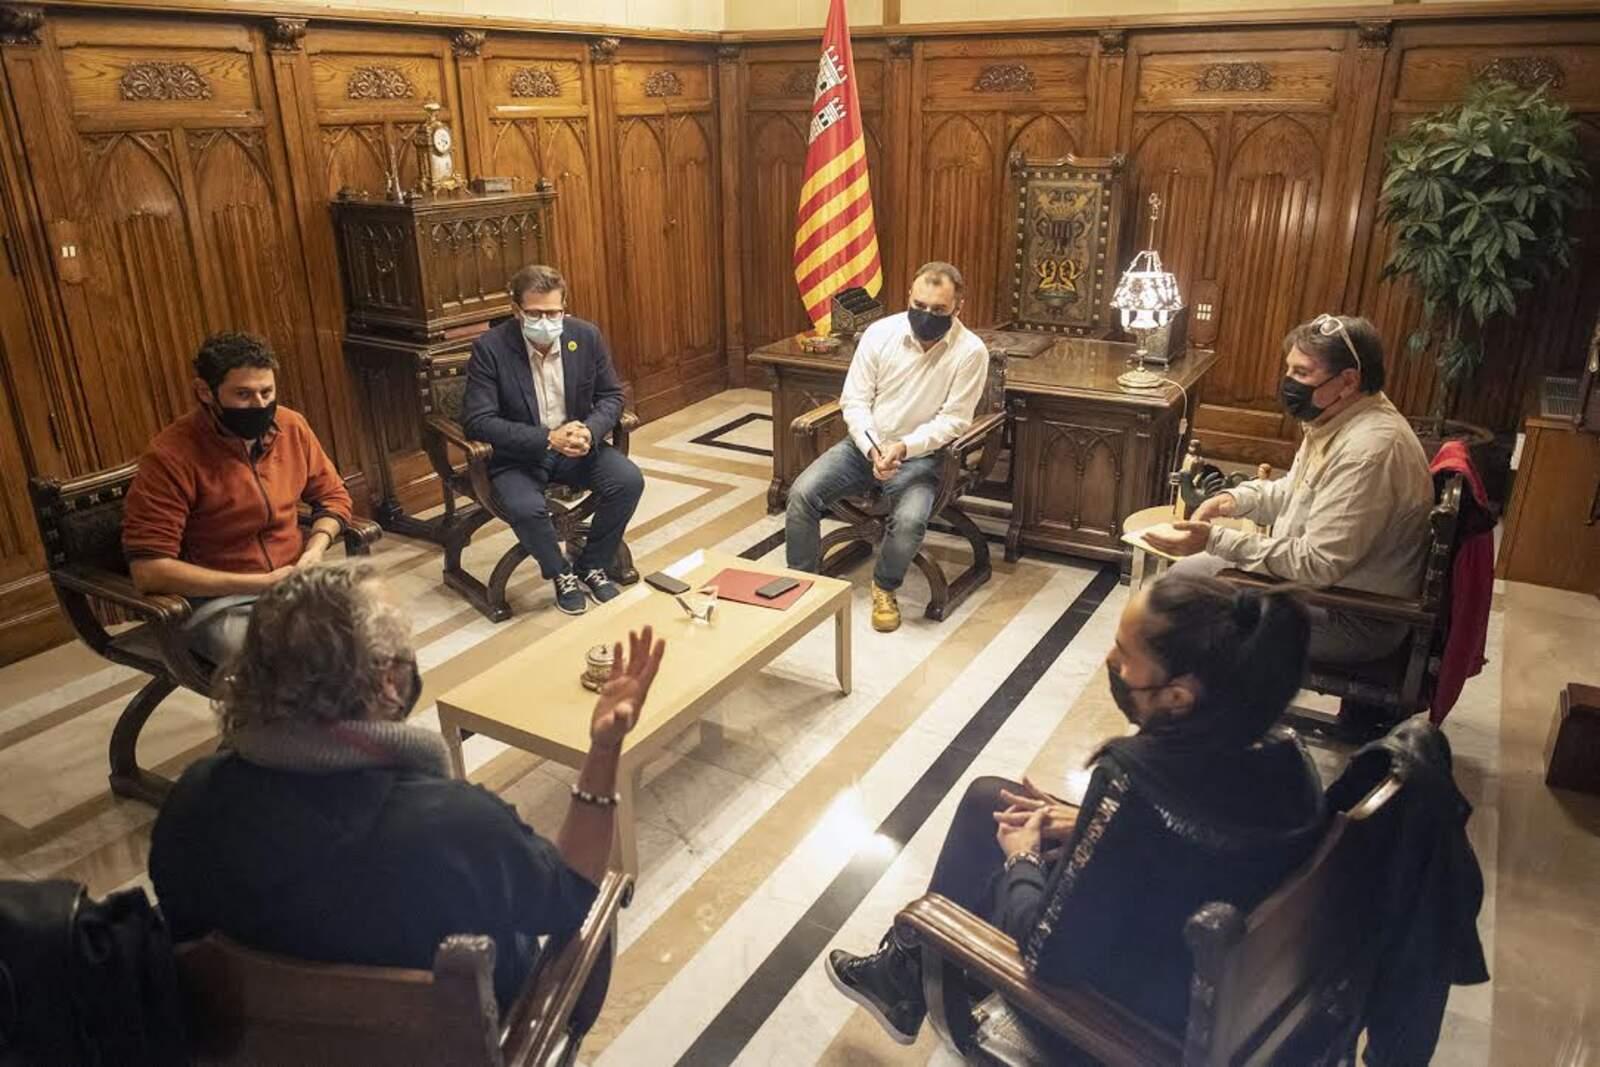 Reunió de representants de sales d'oci nocturn a la ciutat amb l'alcalde Jordi Ballart